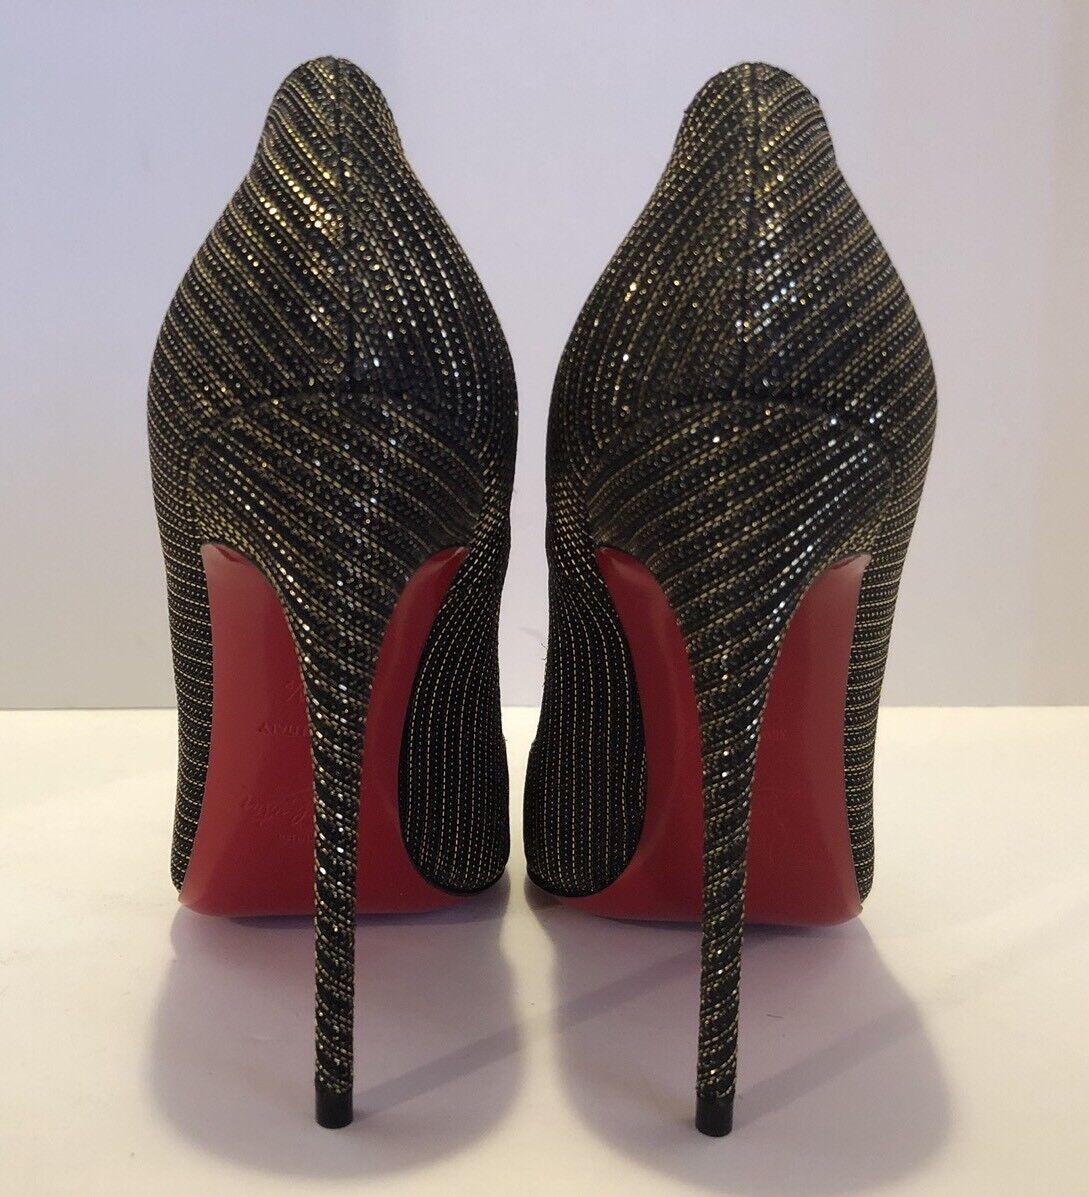 Christian Louboutin Women's So 36 Kate Metallic Canvas Pumps Size 36 So 1/2 2867d2